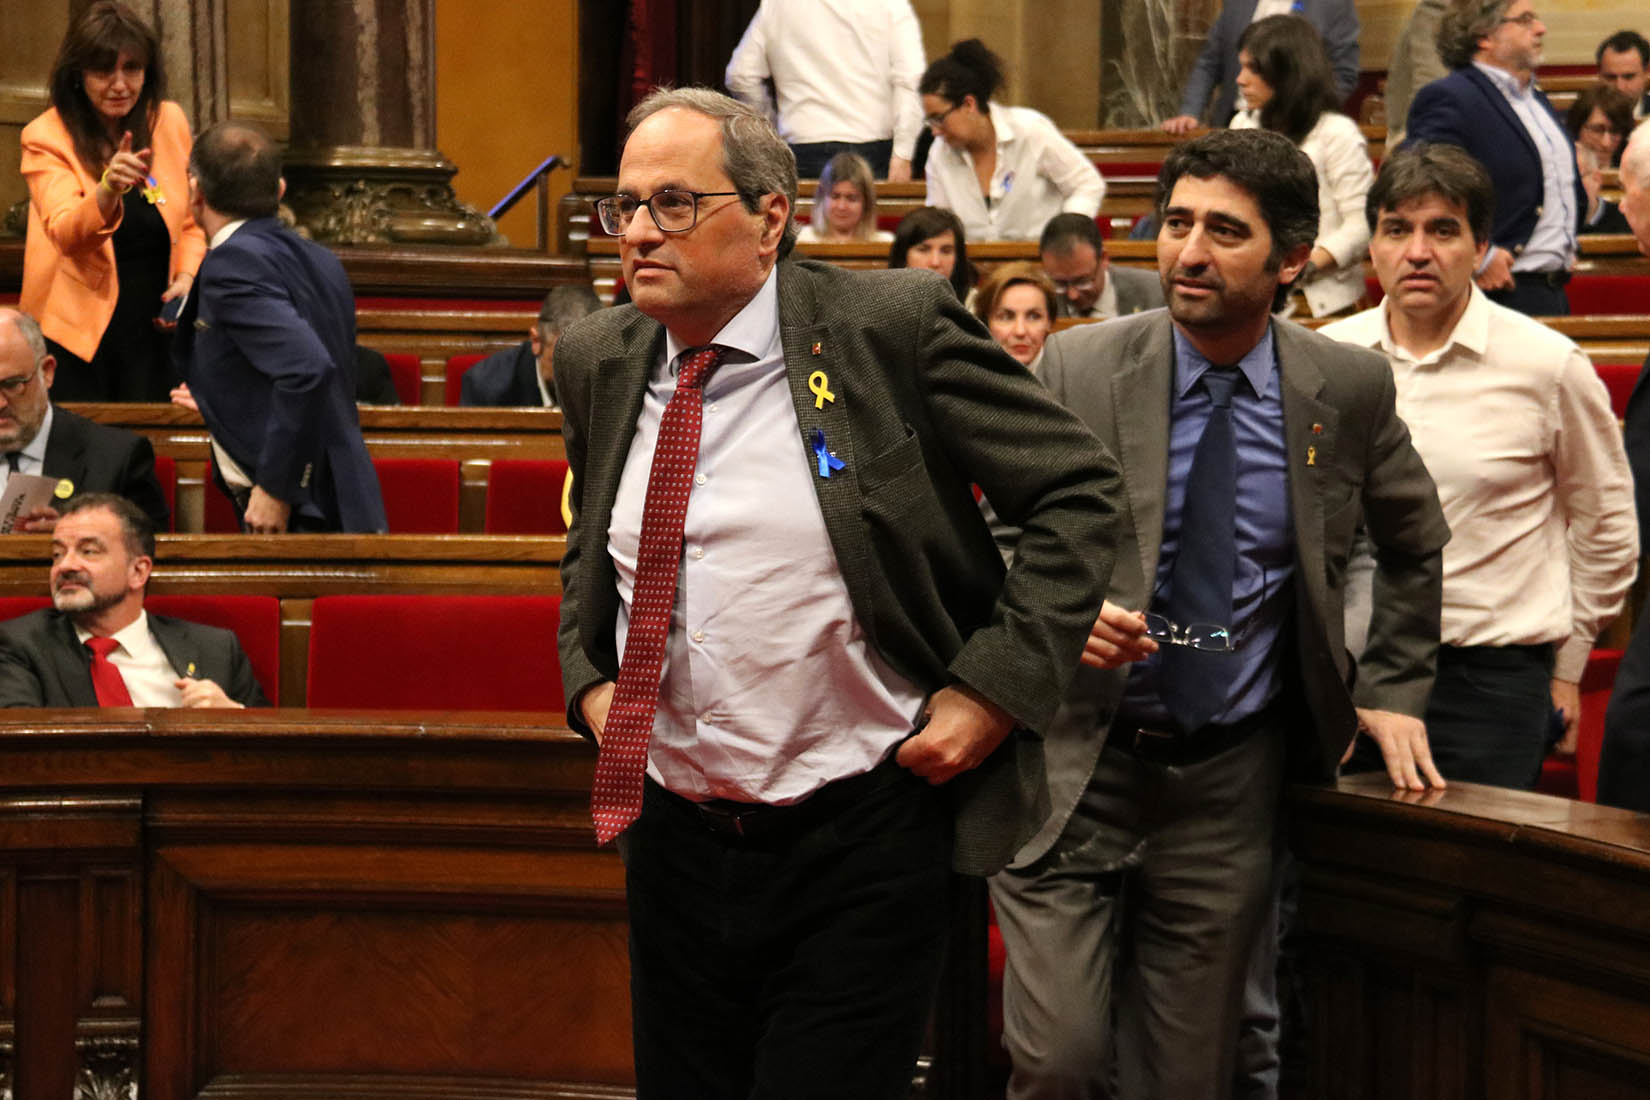 El president de la Generalitat, Quim Torra, sortint del ple del Parlament després de la votació de la moció que li demana eleccions